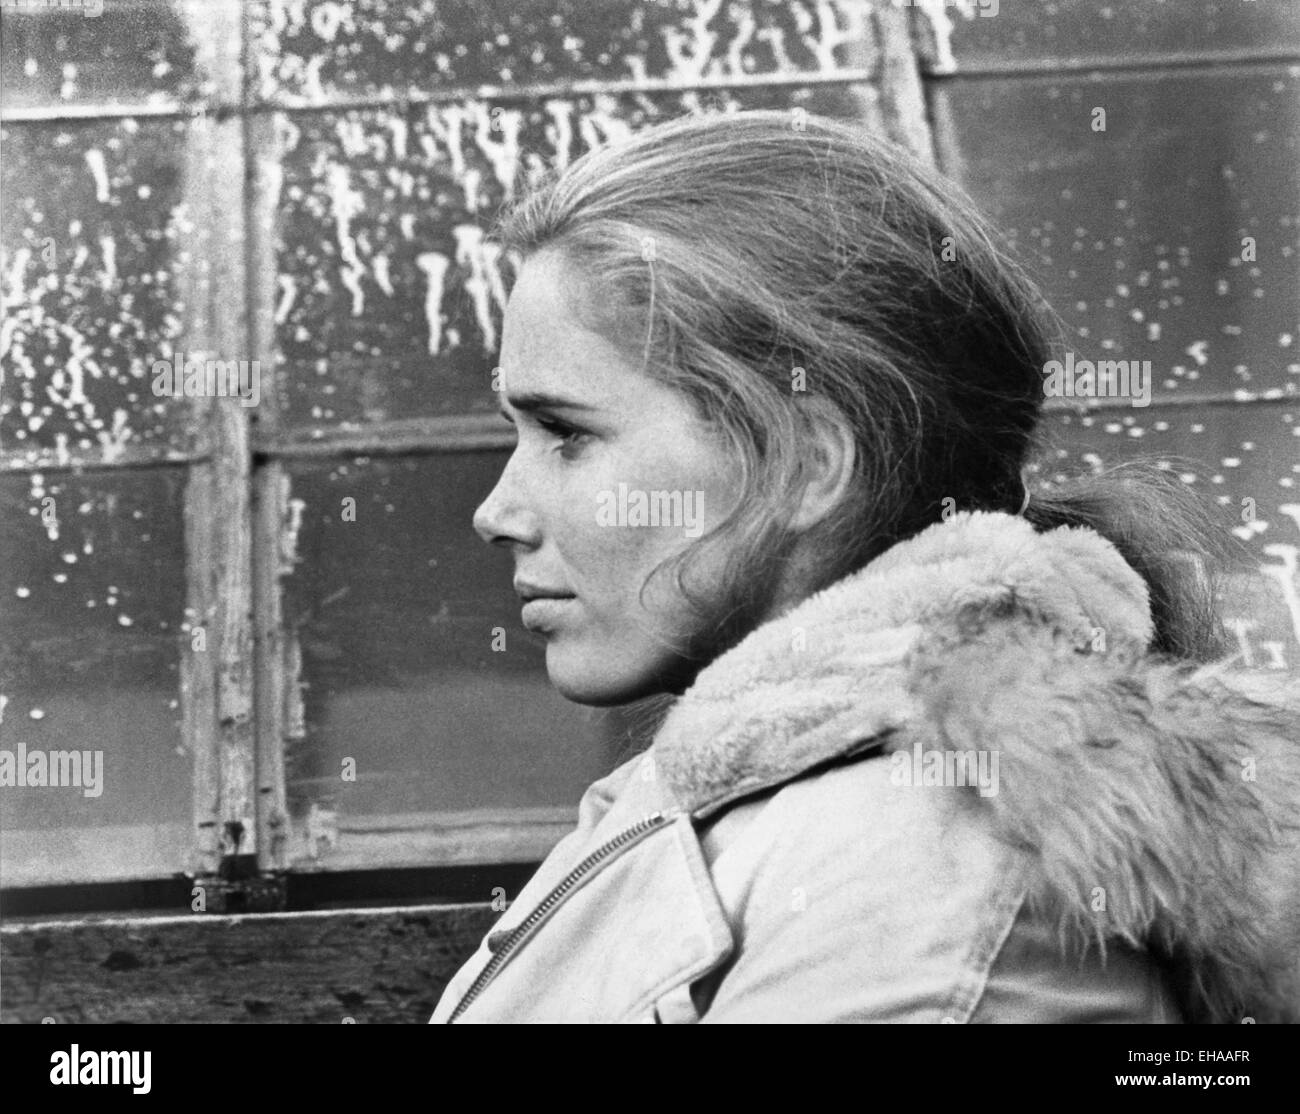 liv-ullmann-on-set-of-the-film-shame-aka-skammen-1968-EHAAFR